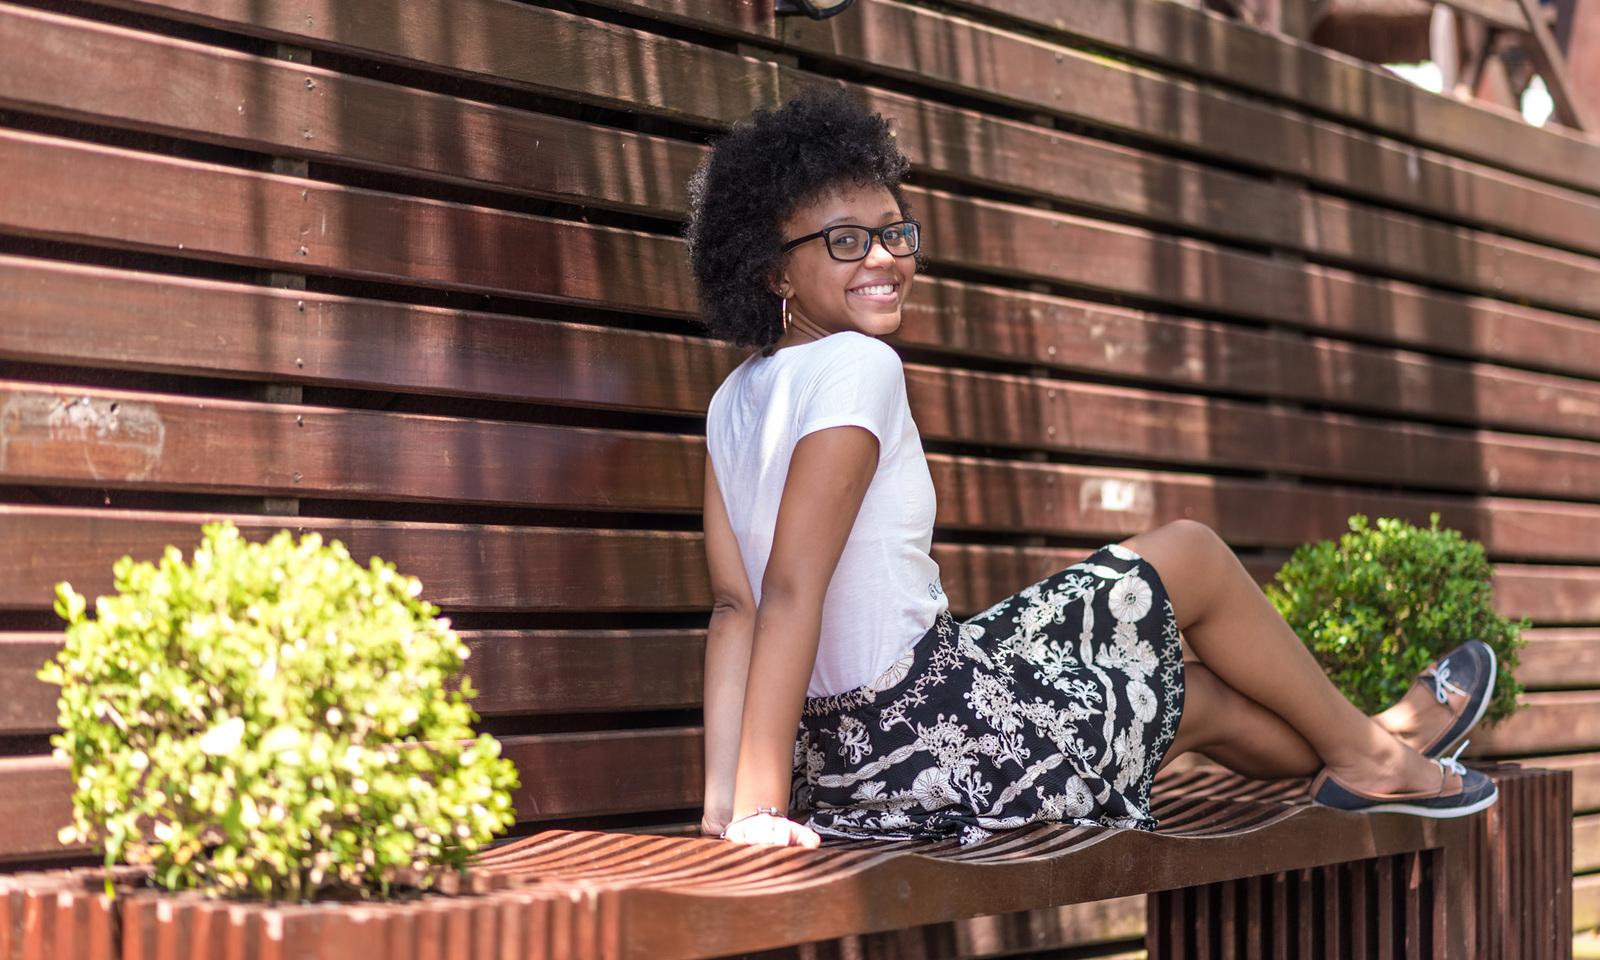 Ensaio Debutante de Sessão de fotos - 15 Anos - Ísis Oliveira em Guararema - SP